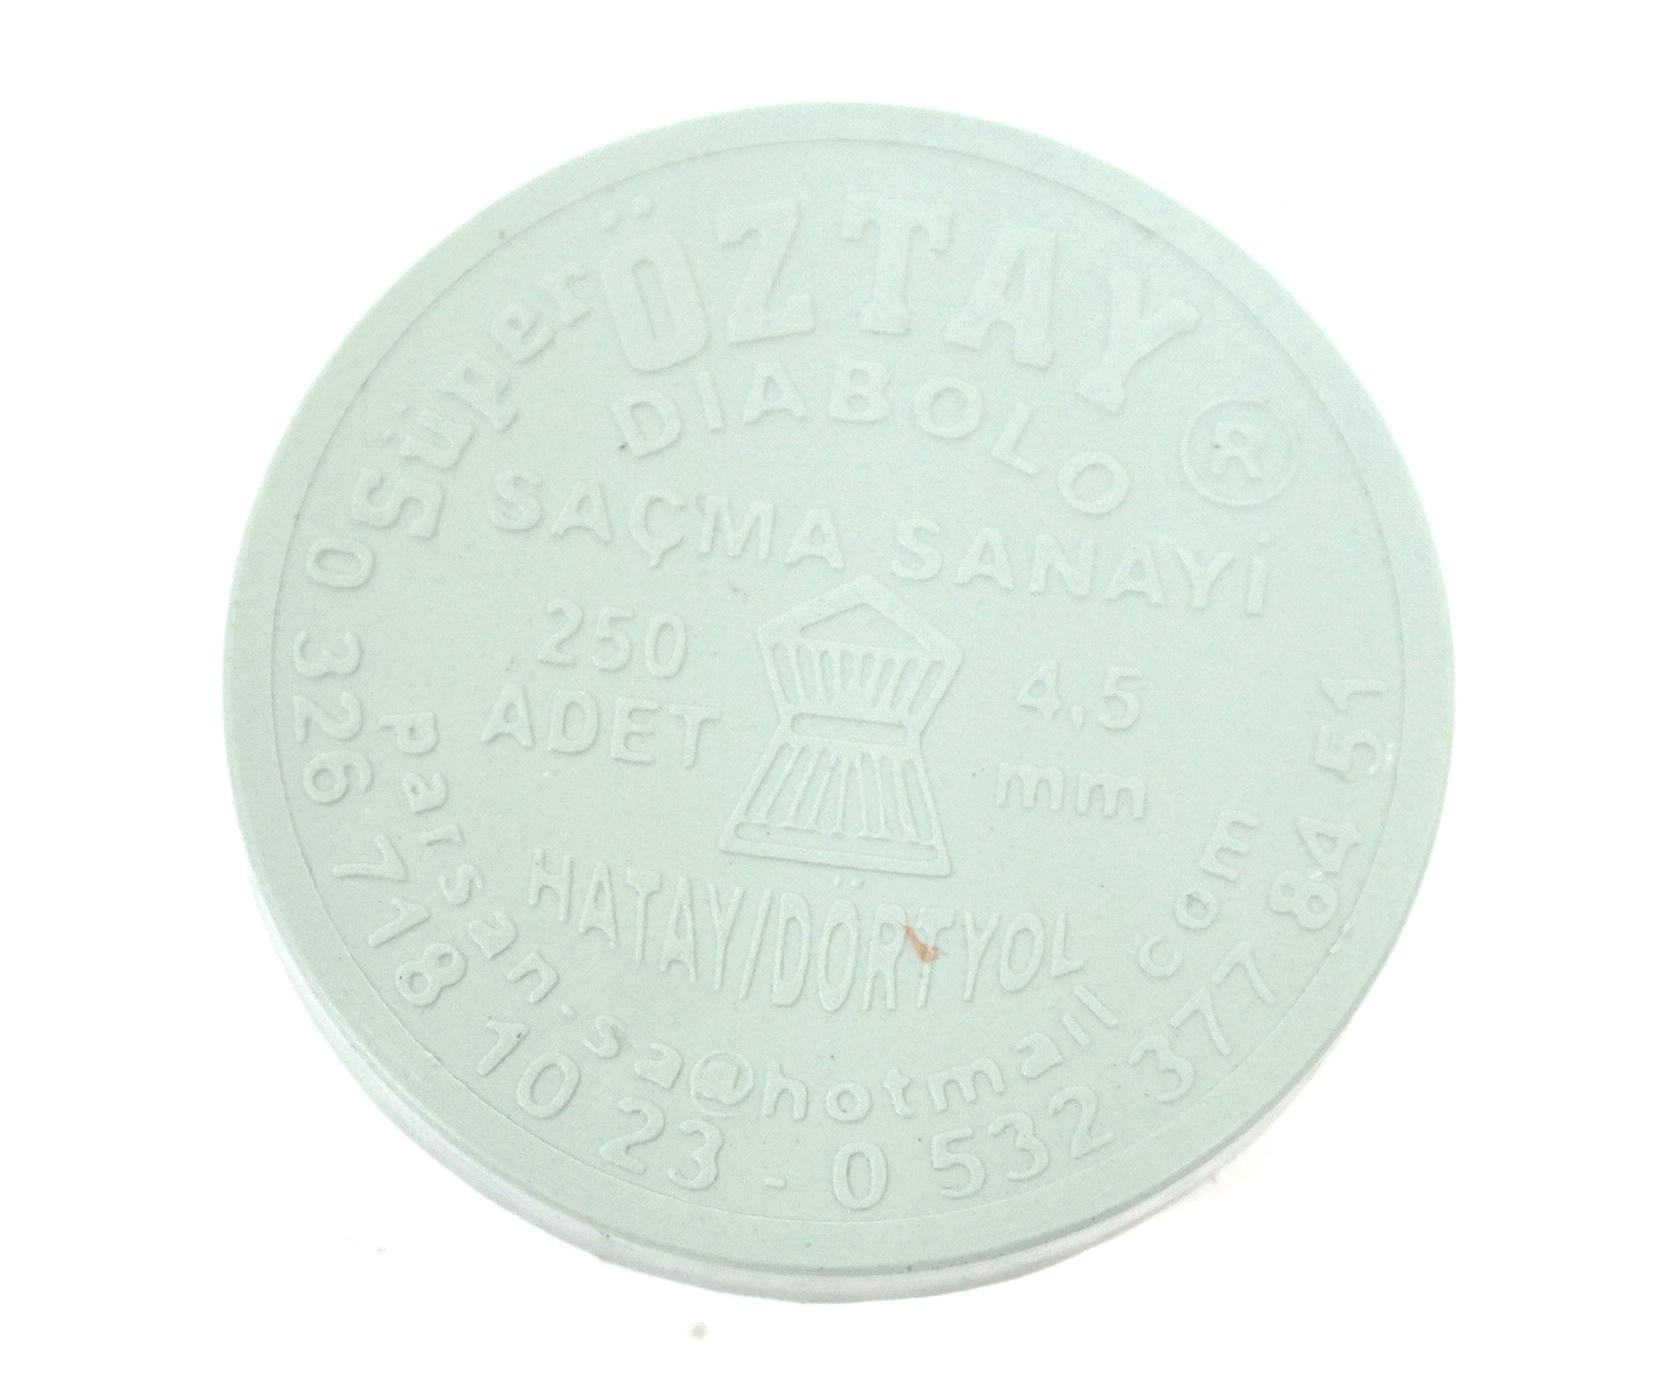 Пули Super Oztay Diabolo 4,5 мм, 0,49-0,52 грамм, 250 штук купить! Цена в Москве, СПБ